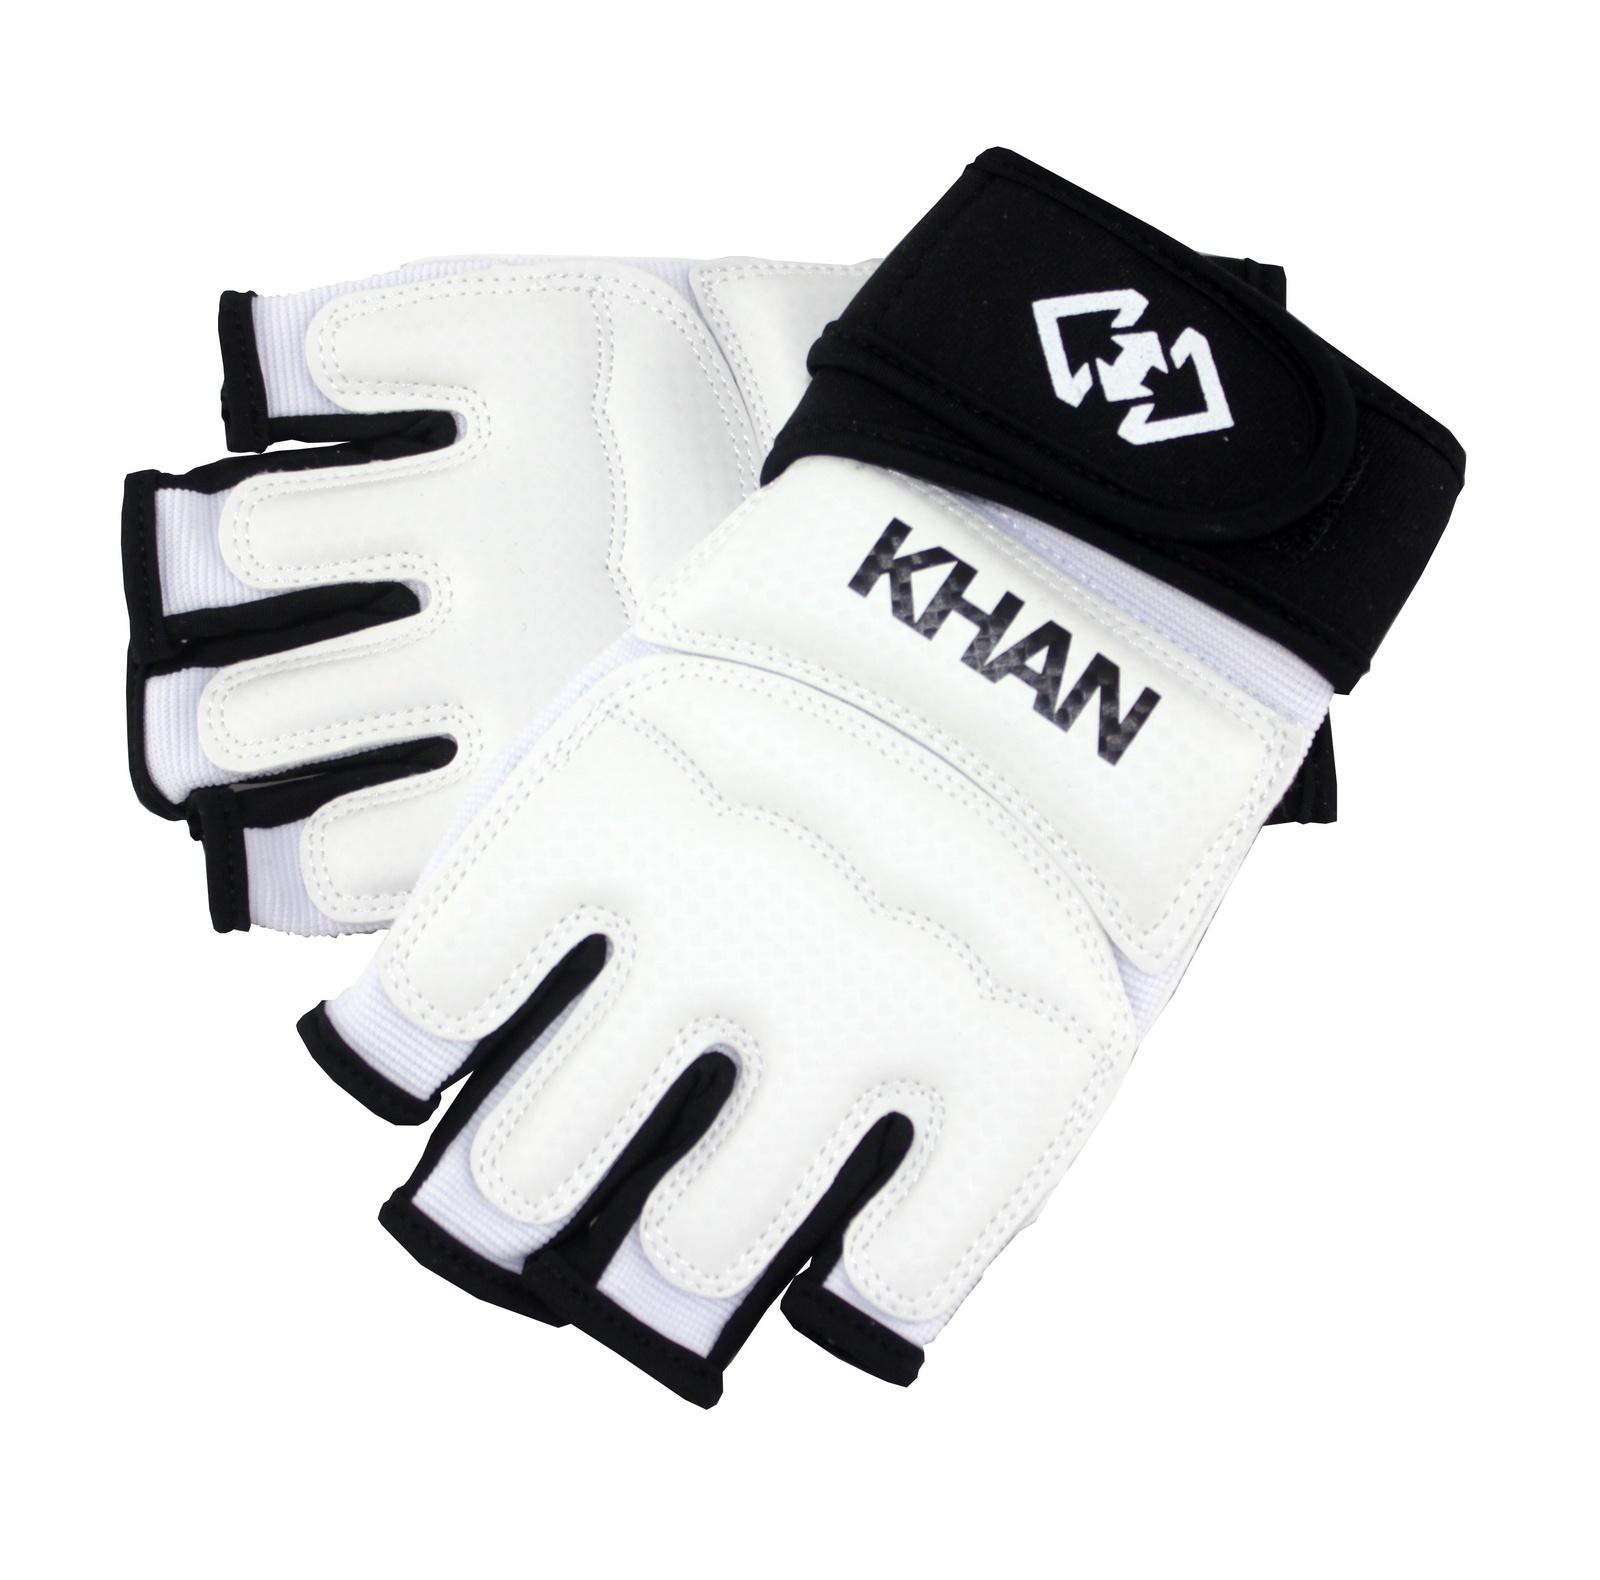 Защита кисти Khan WTF Club E12027_2, белый, размер S цена и фото